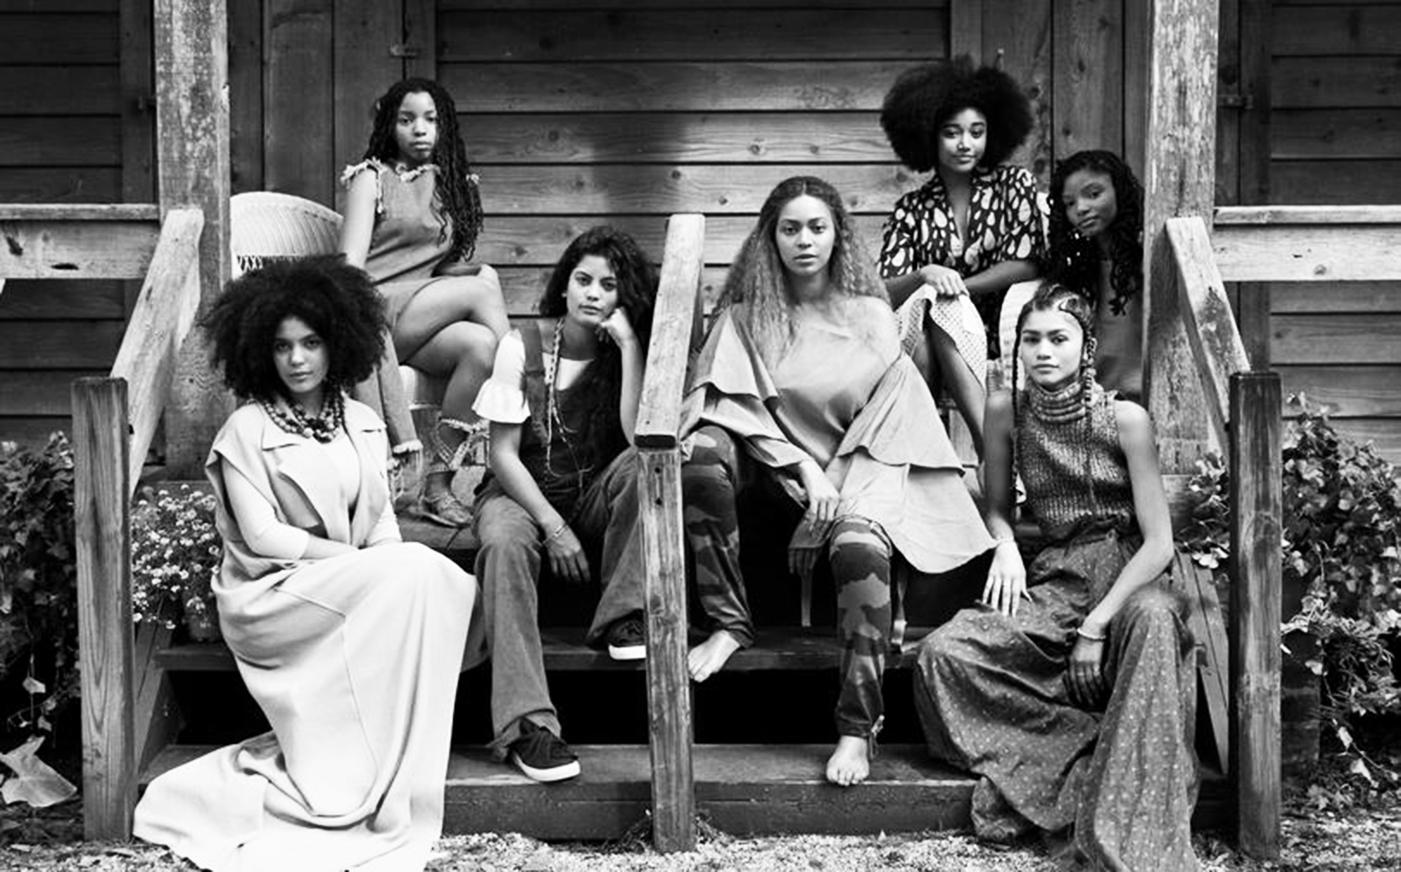 How Beyonce's 'Lemonade' Exposes Inner Lives of Black Women